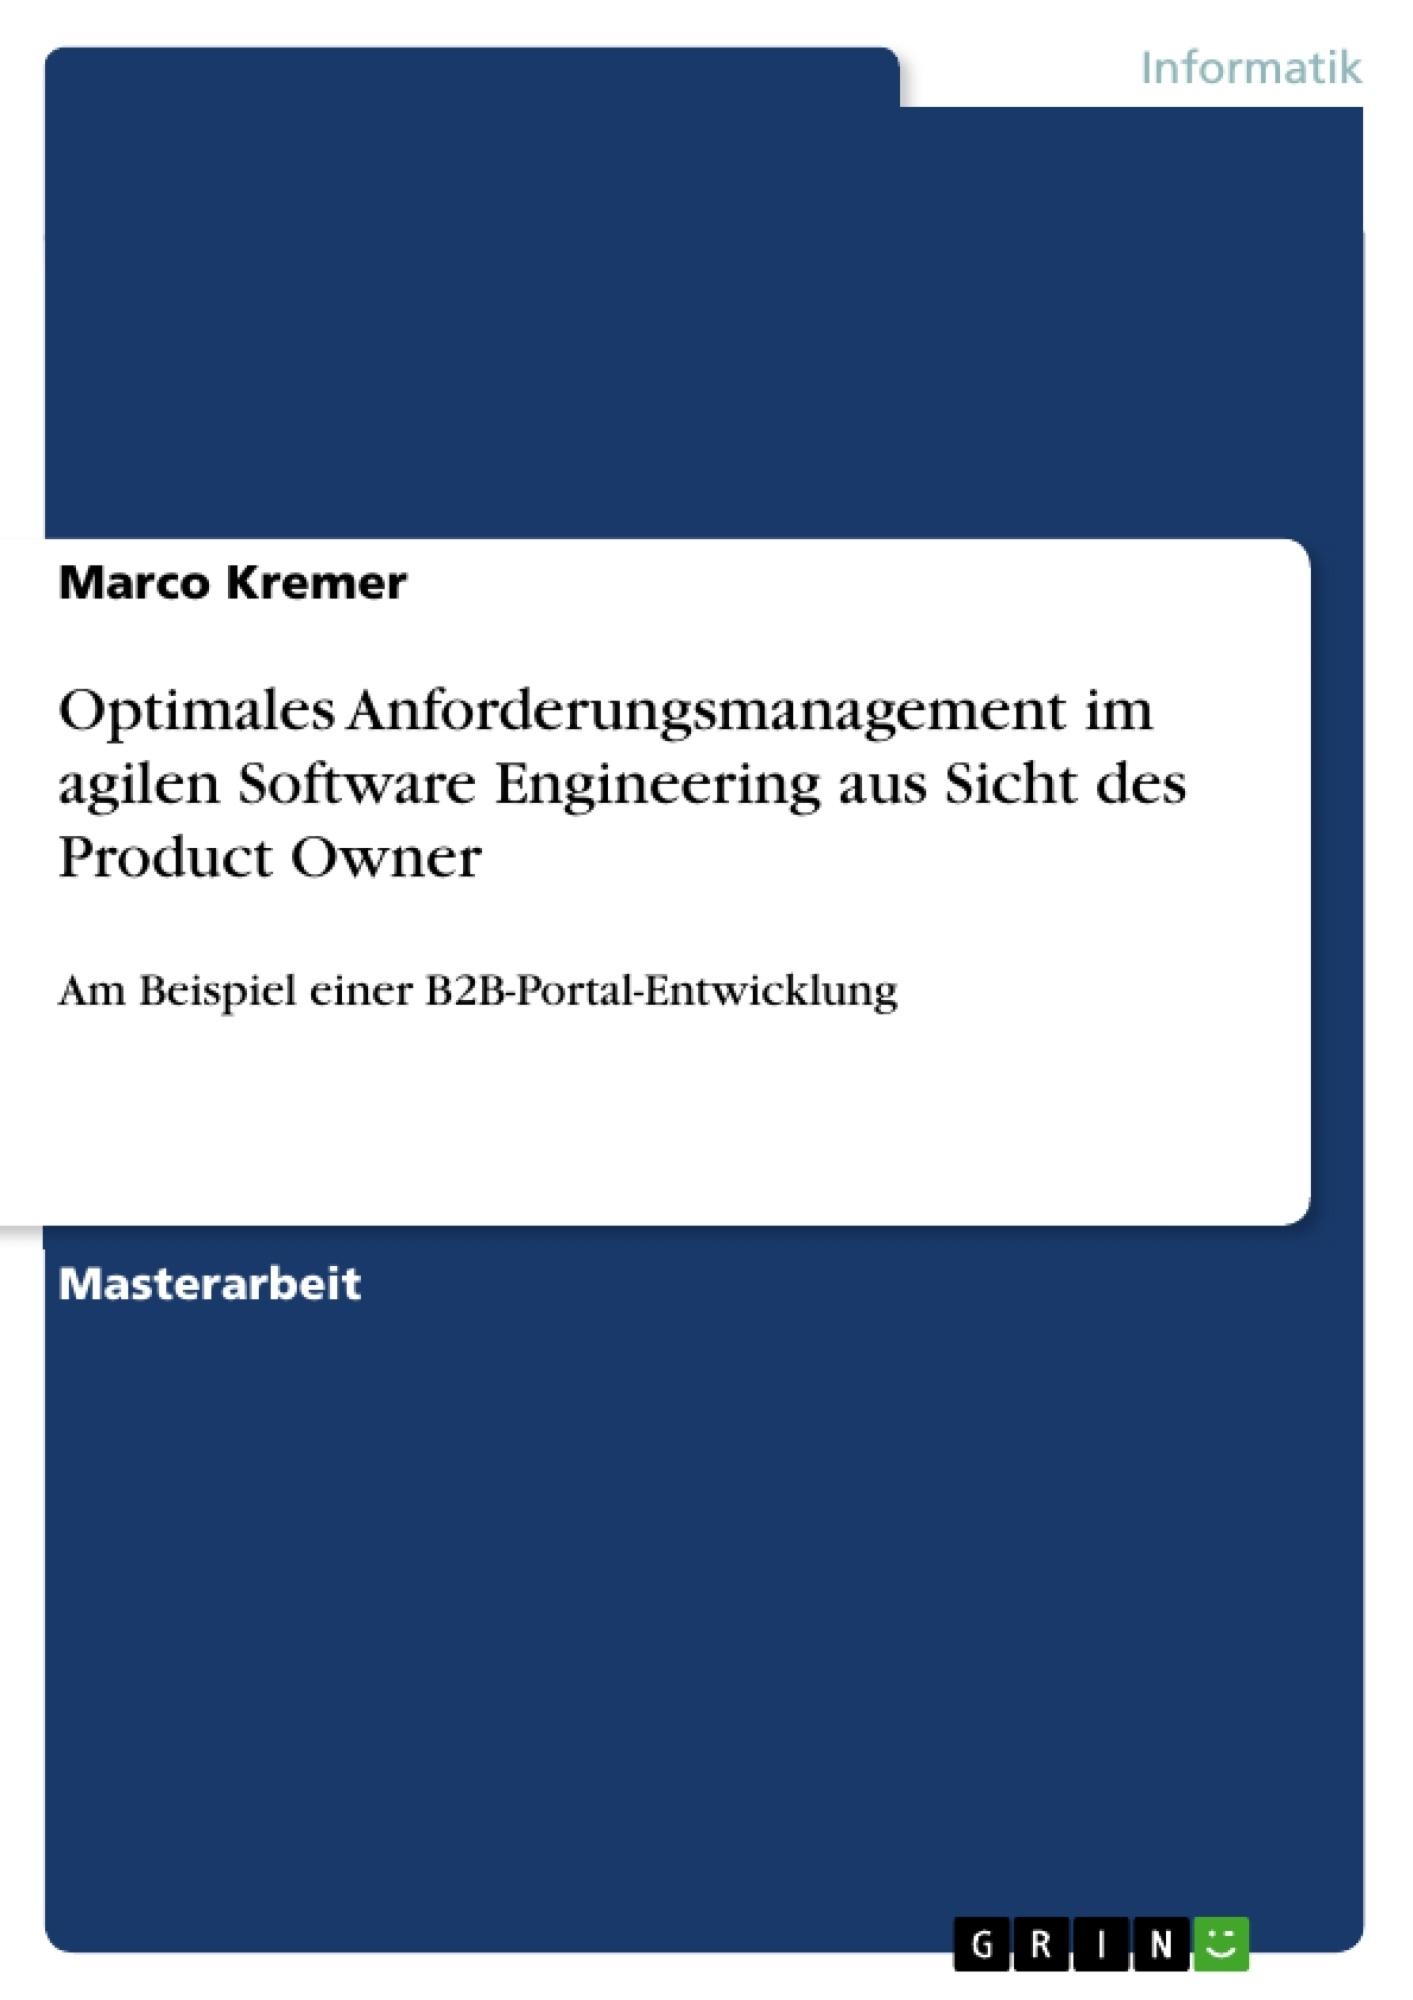 Titel: Optimales Anforderungsmanagement im agilen Software Engineering aus Sicht des Product Owner